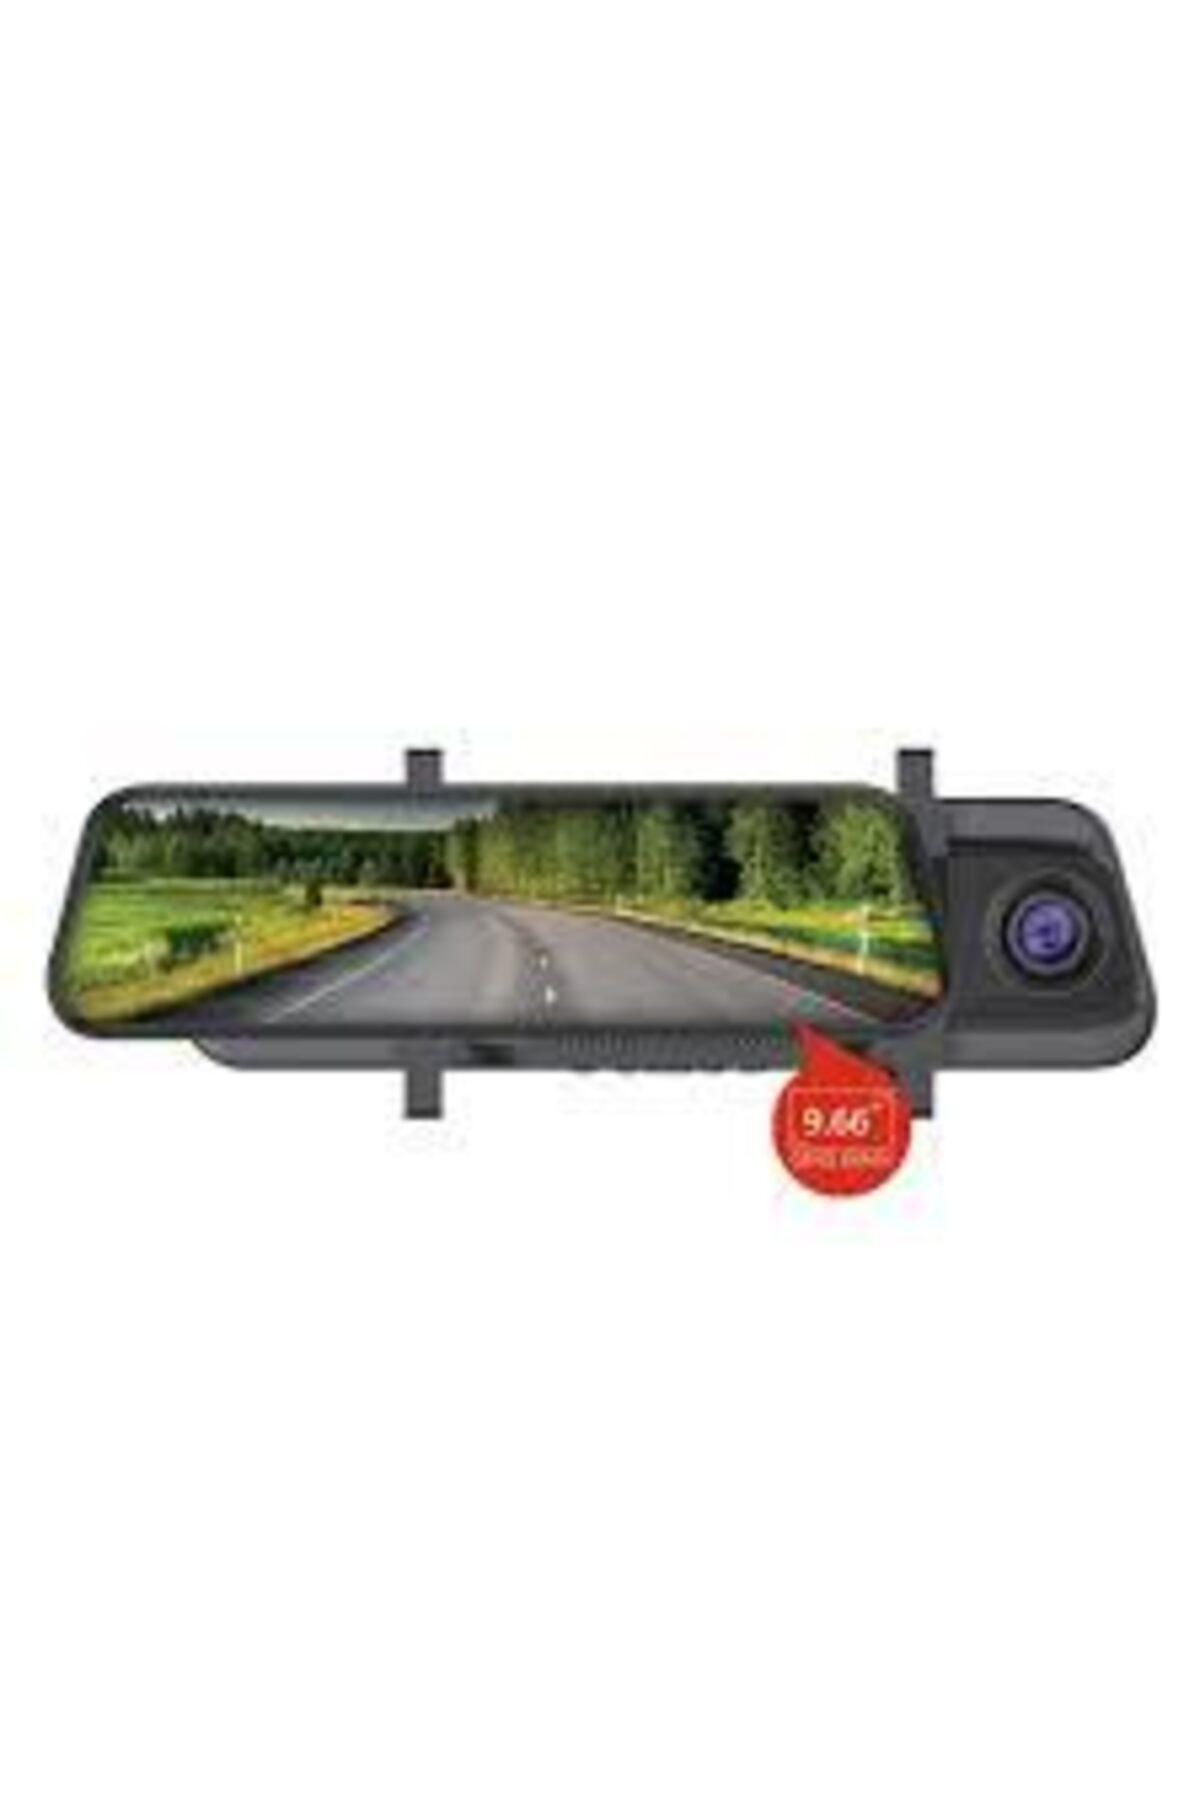 Piranha Araç Içi Full Ekran Yol Kayıt Ve Park Kamerası 1328 1